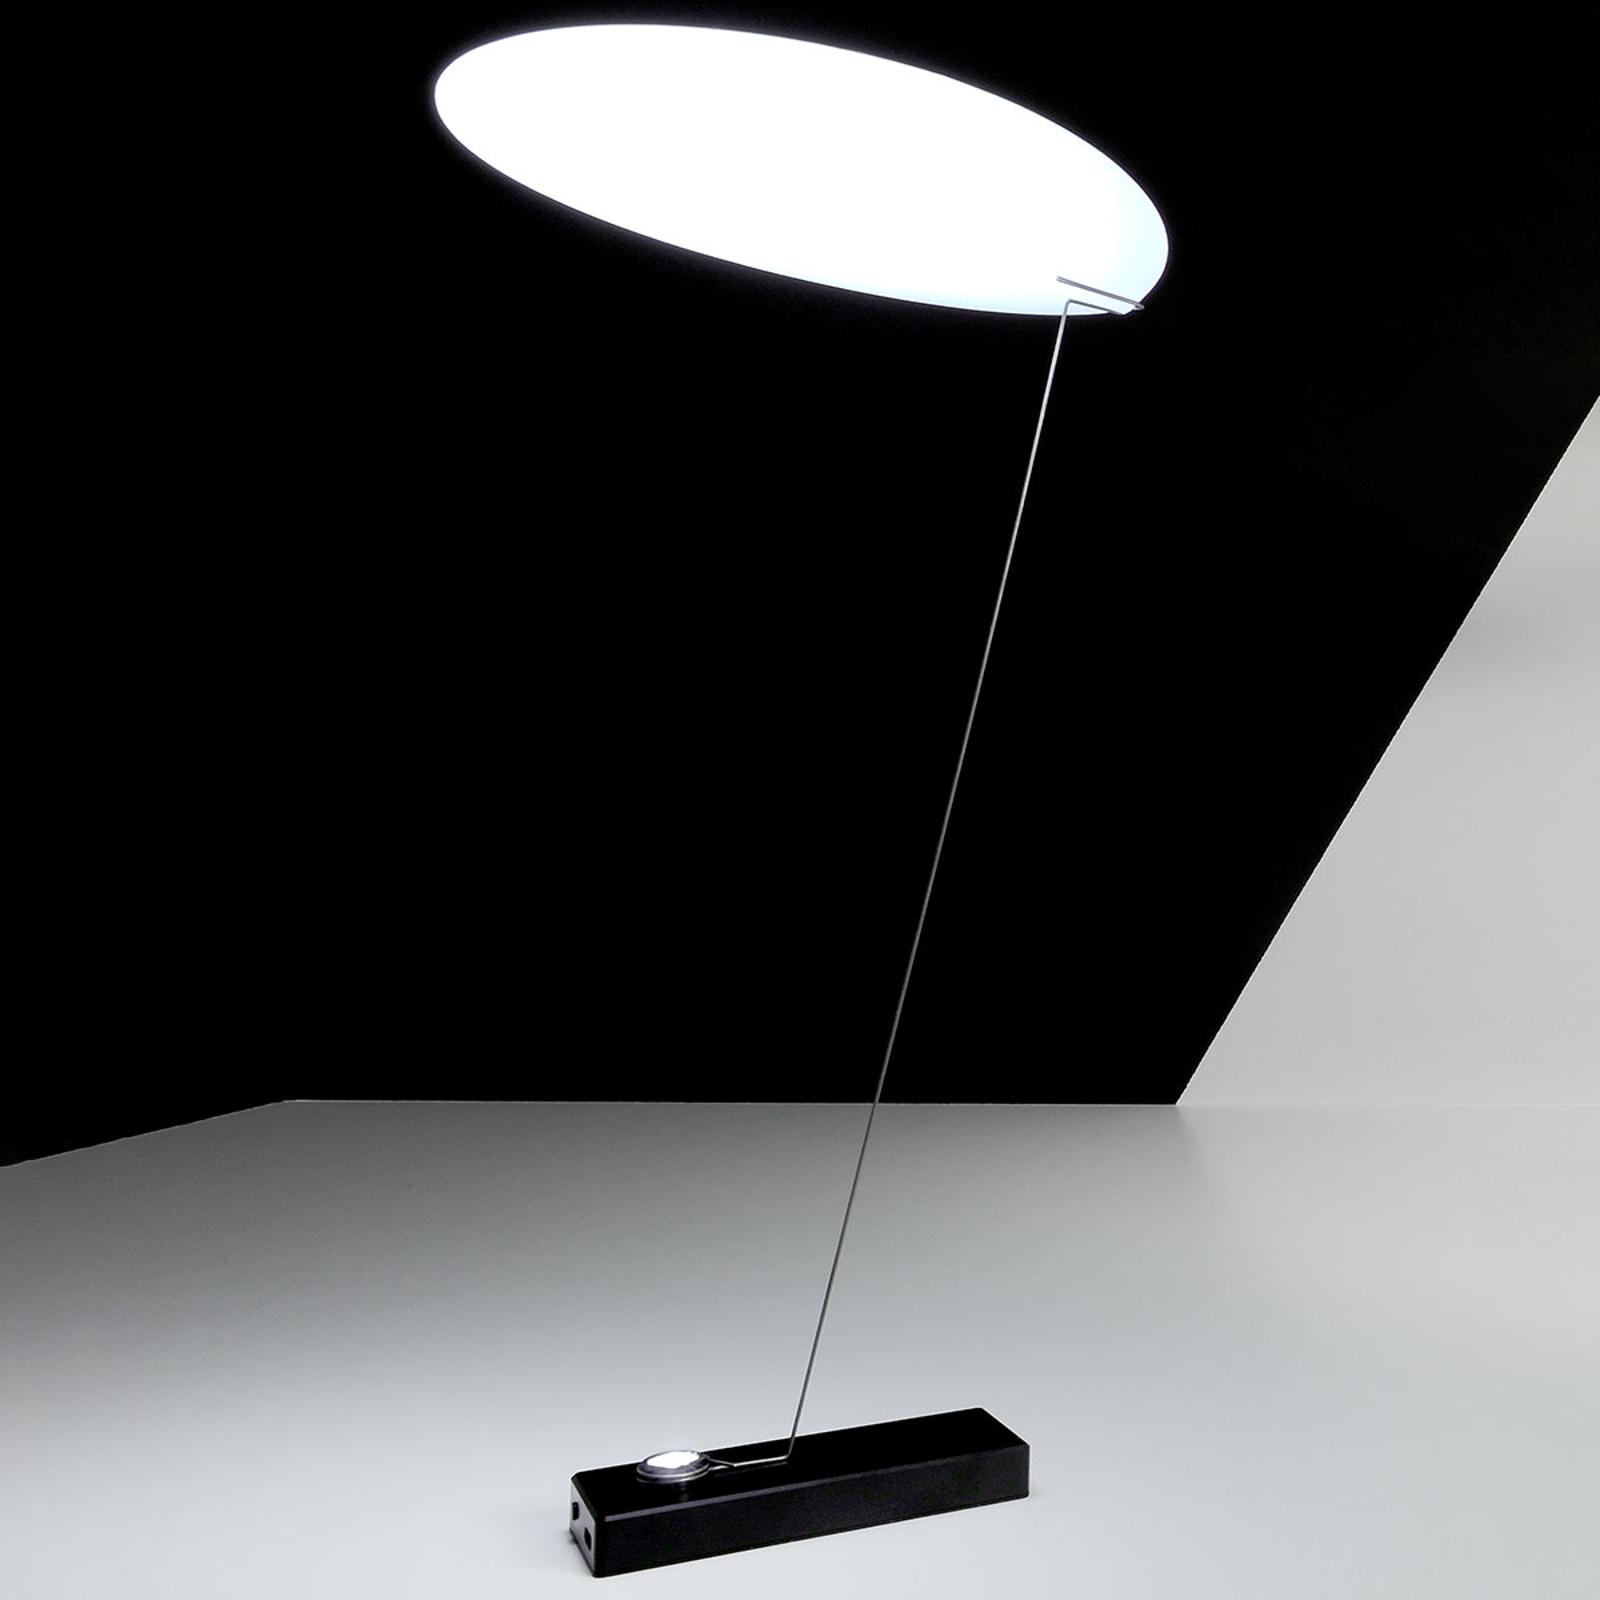 Produktové foto Ingo Maurer Ingo Maurer Koyoo – designová stolní LED lampa